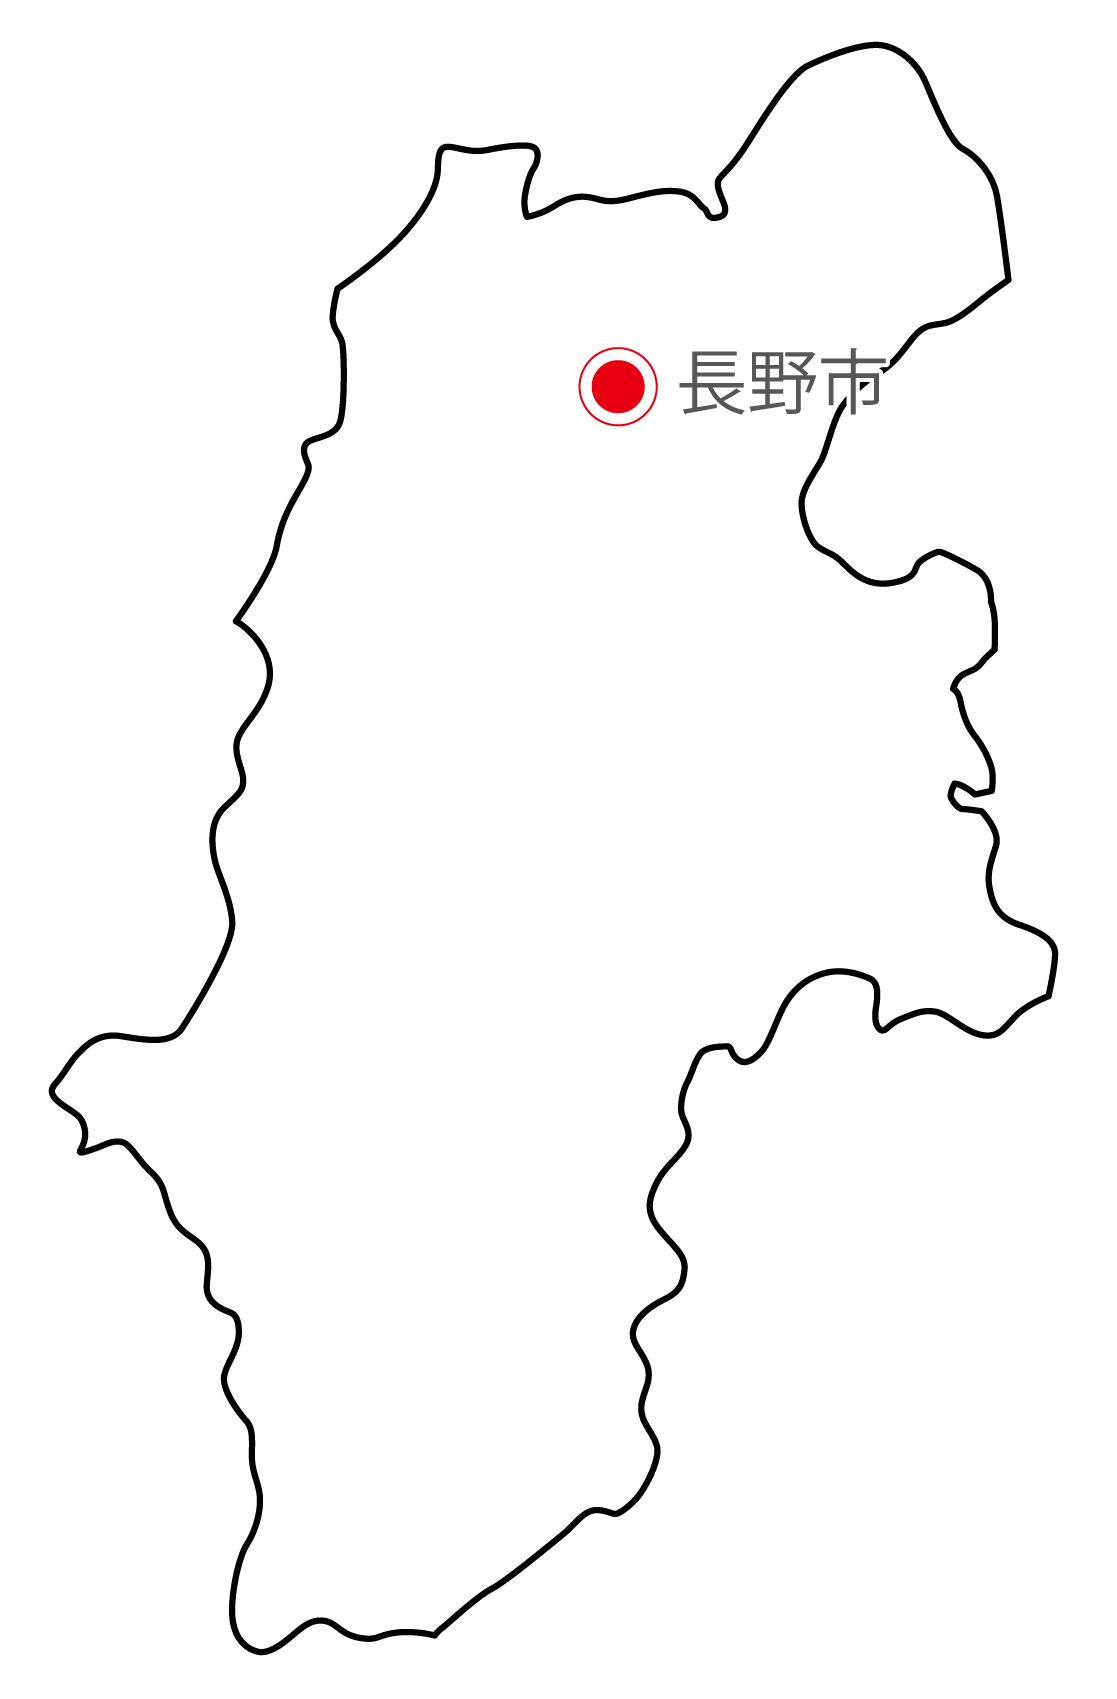 長野県無料フリーイラスト|日本語・県庁所在地あり(白)